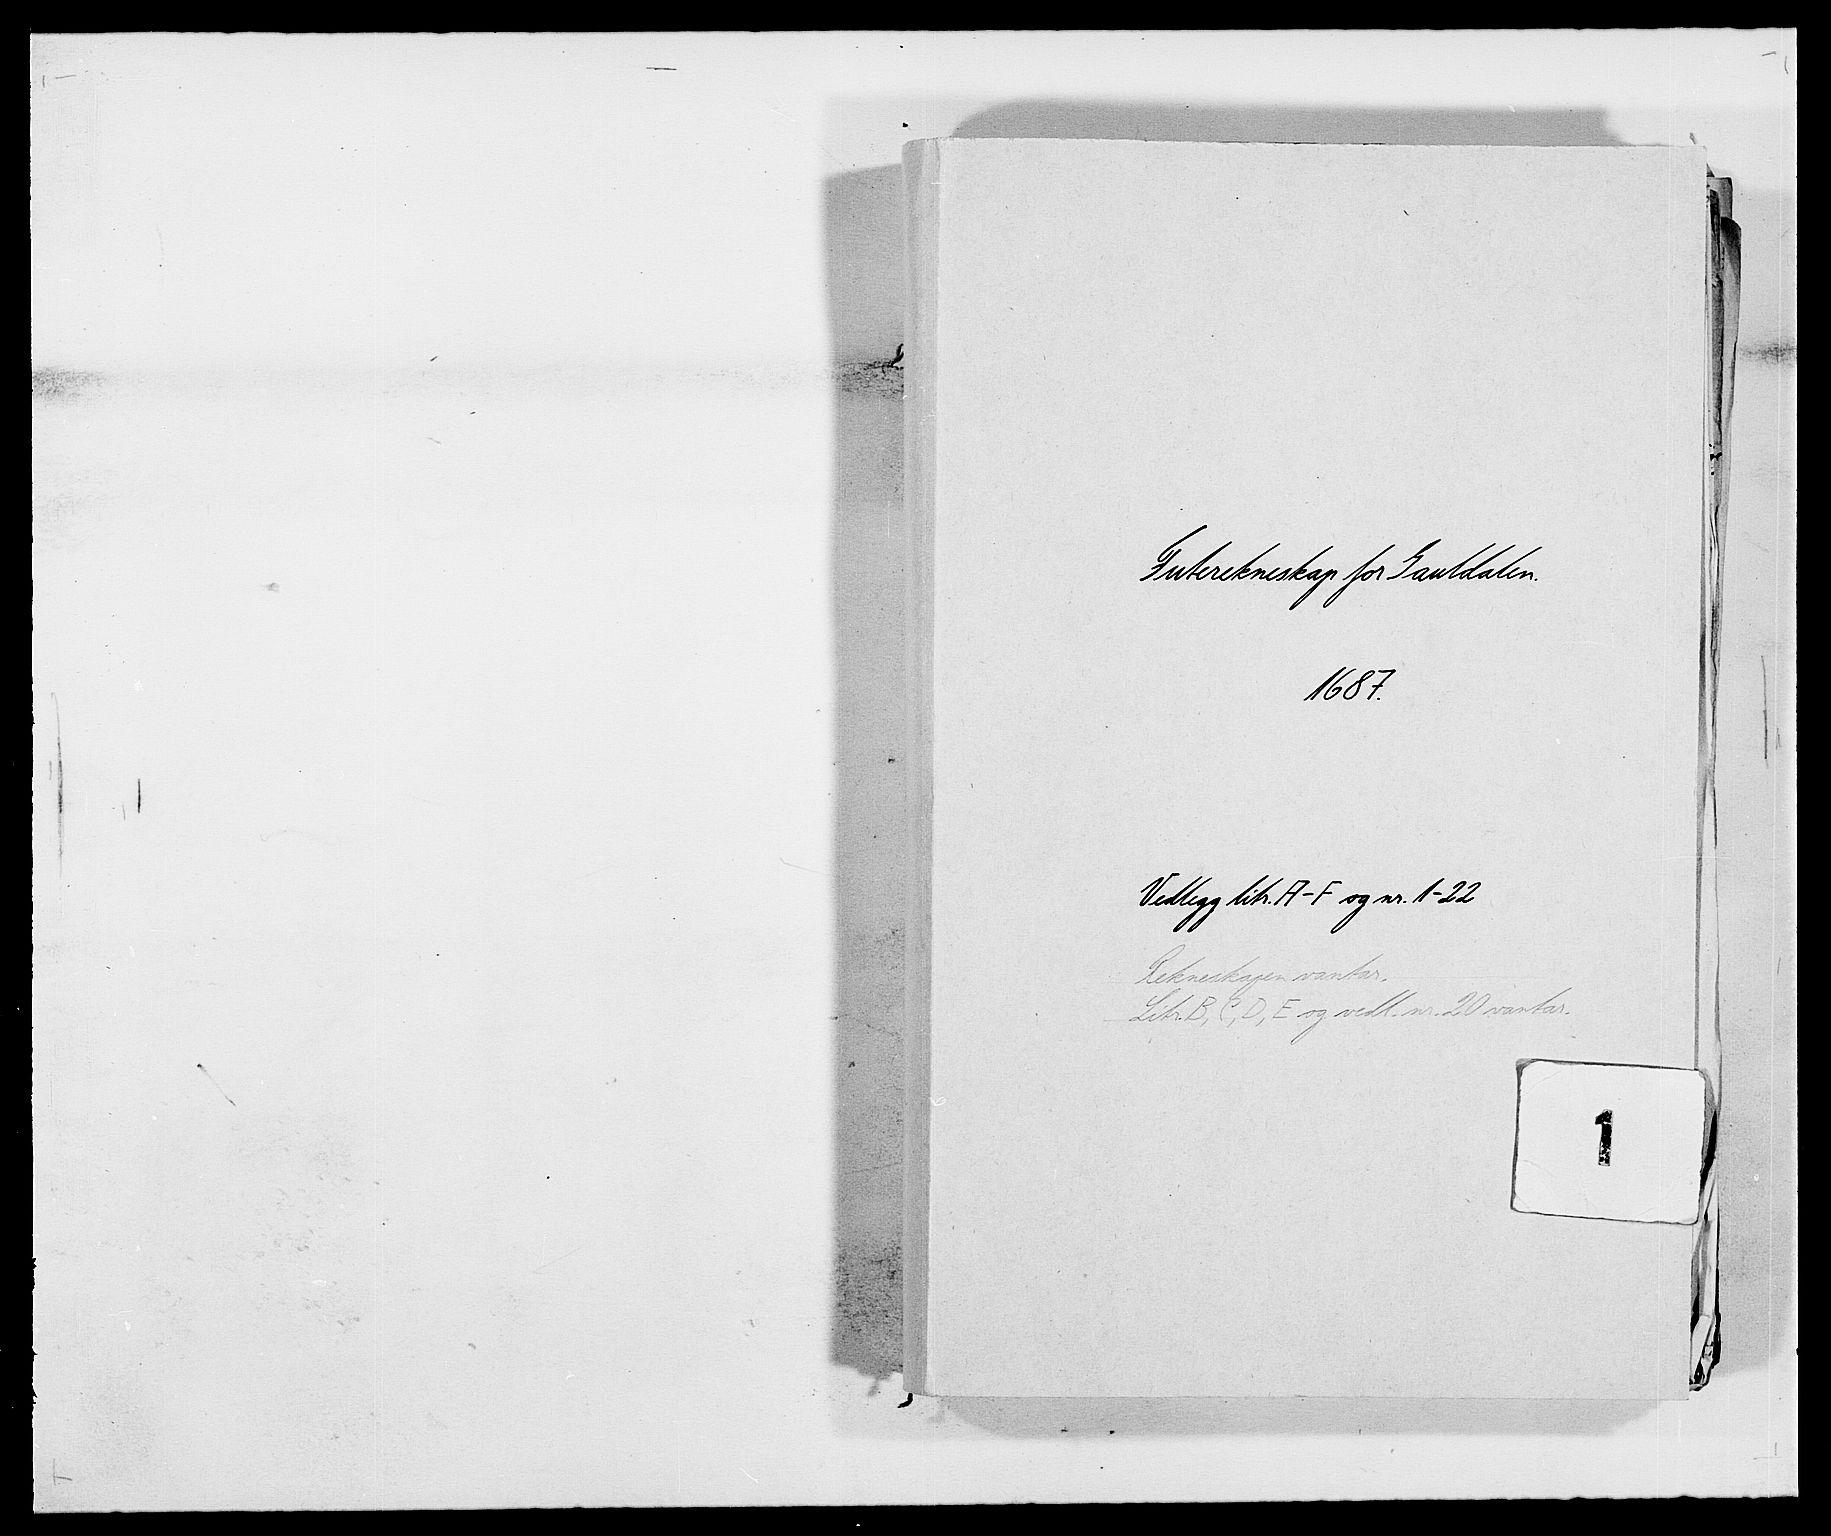 RA, Rentekammeret inntil 1814, Reviderte regnskaper, Fogderegnskap, R59/L3939: Fogderegnskap Gauldal, 1687-1688, s. 1